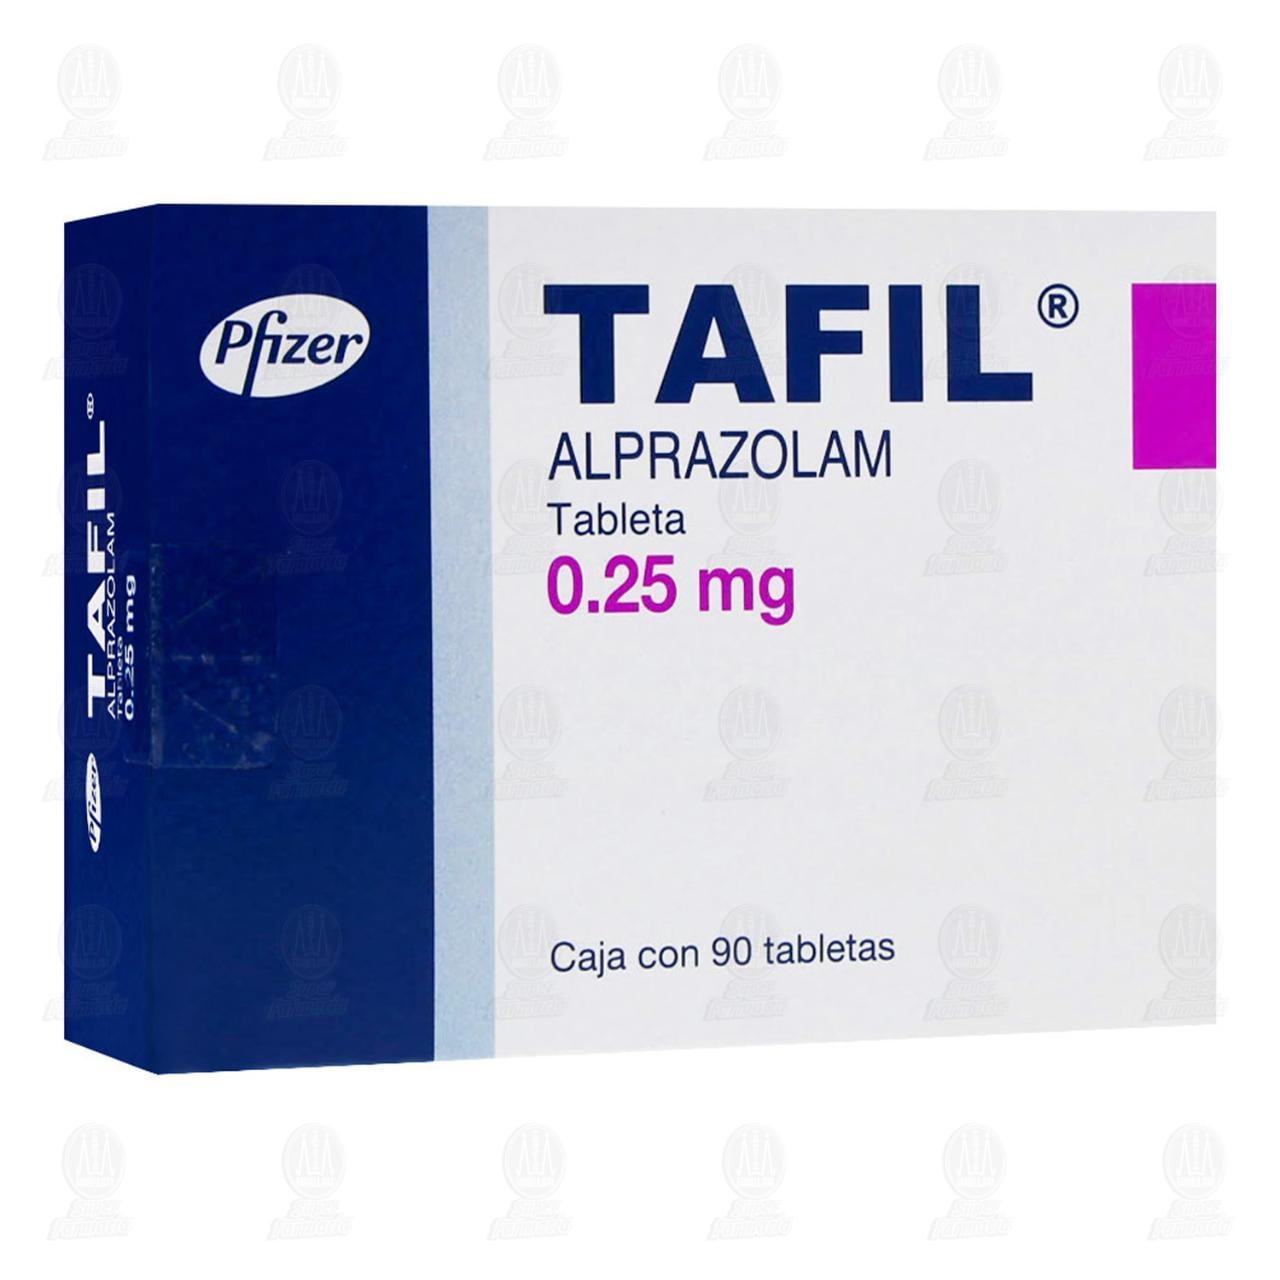 Comprar Tafil 0.25mg 90 Tabletas en Farmacias Guadalajara